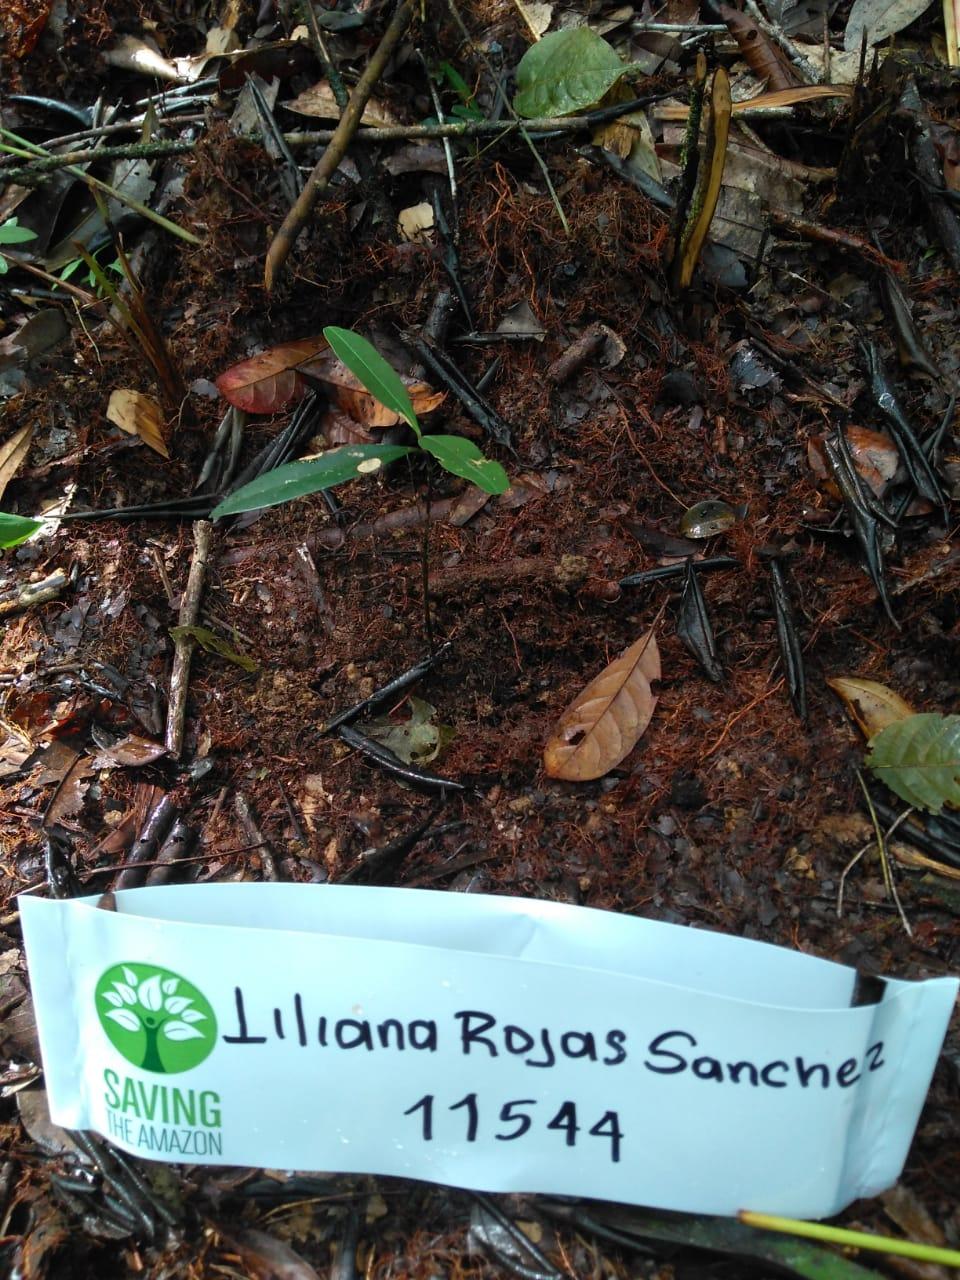 Liliana Rojas Sánchez